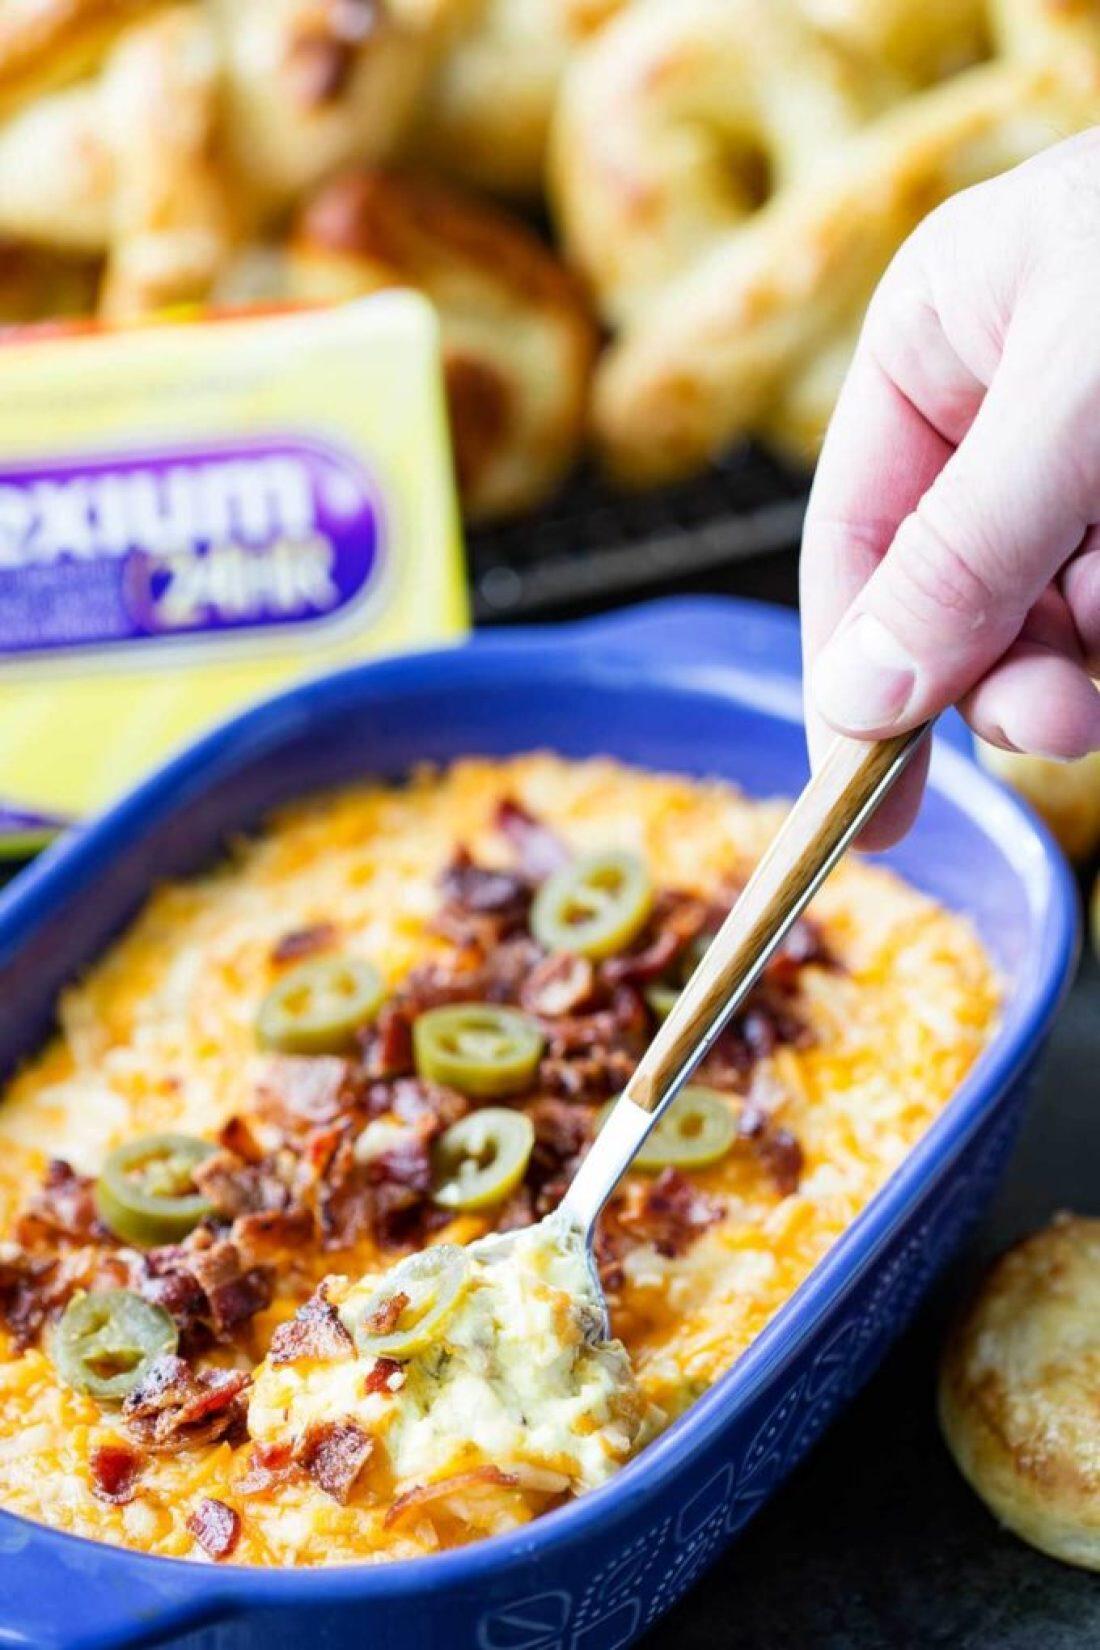 scoop-of-cheese-dip